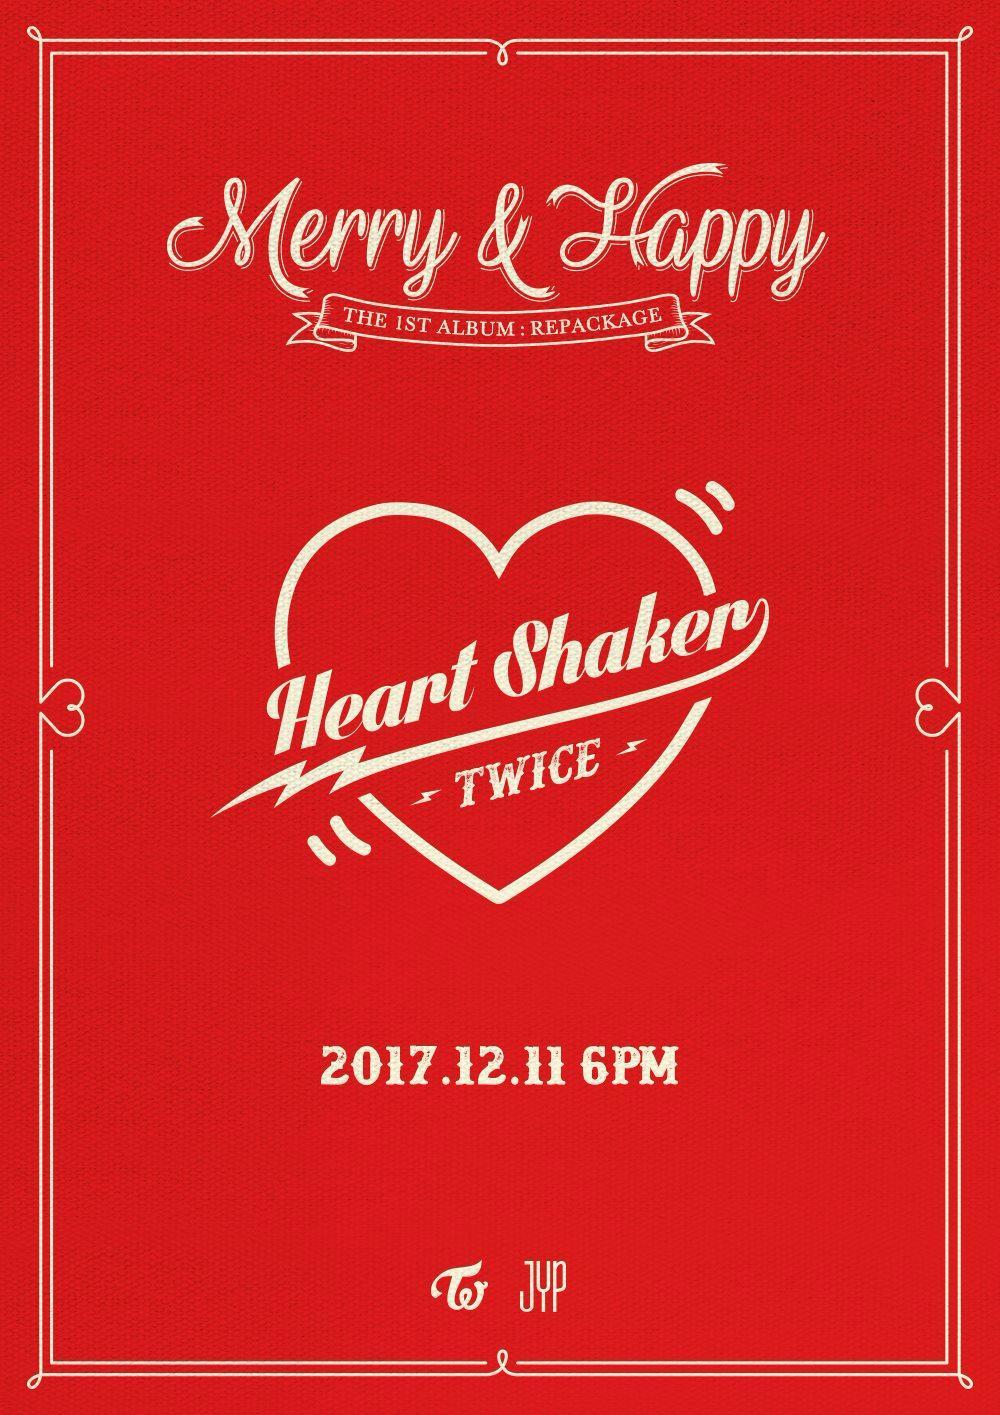 晚上立刻迎來《LIKEY》後續曲即將在12月11日發行的消息!!!!這次後續曲專輯名稱為《Merry&Happy》正好符合12月聖誕節的氣氛,主打歌《Heart Shaker》更是延續《LIKELY》愛心符號的概念!不過,其實早在《LIKELY》MV裡面就出現過《Heart Shaker》的名稱囉~~